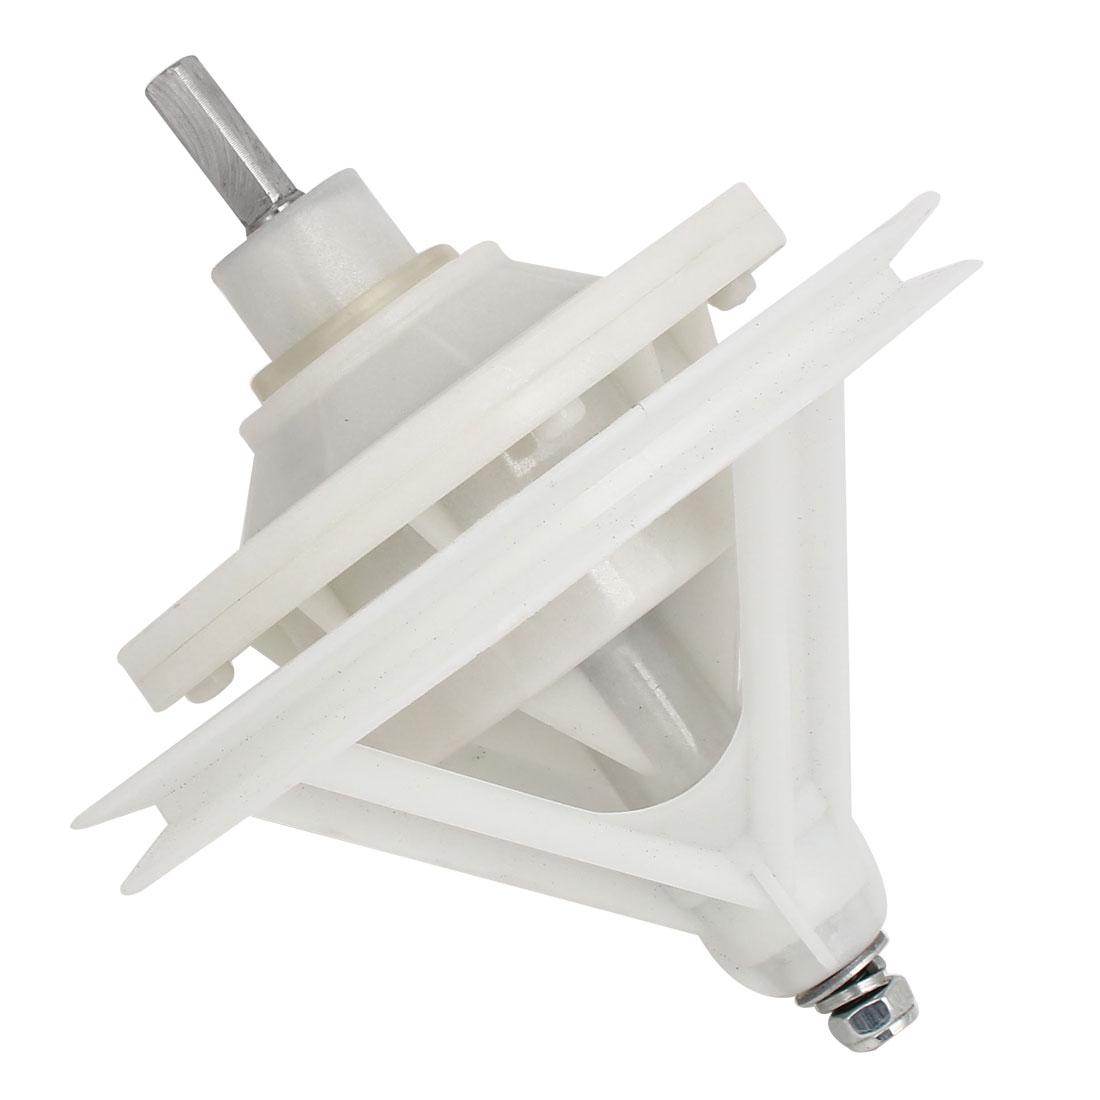 30mm Shaft Washing Machine Transmission Square Shaft 4 Hole Base 170mm x 195mm